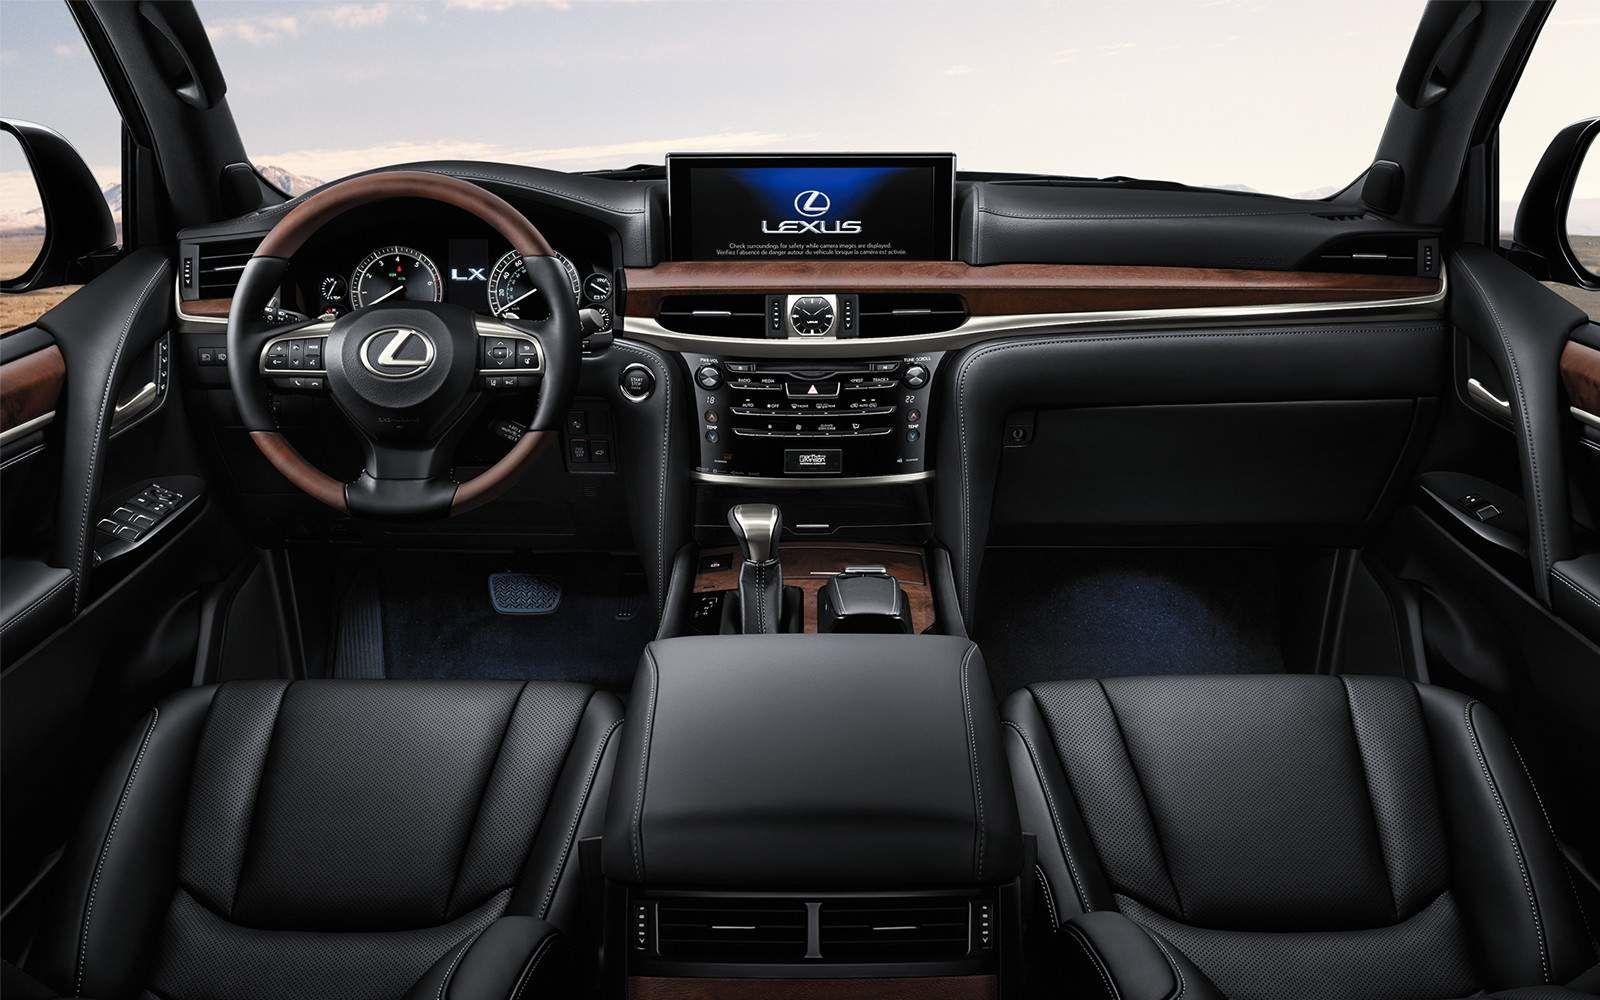 Lexus 2020 Lx 570 Interior Black Leather Dash L